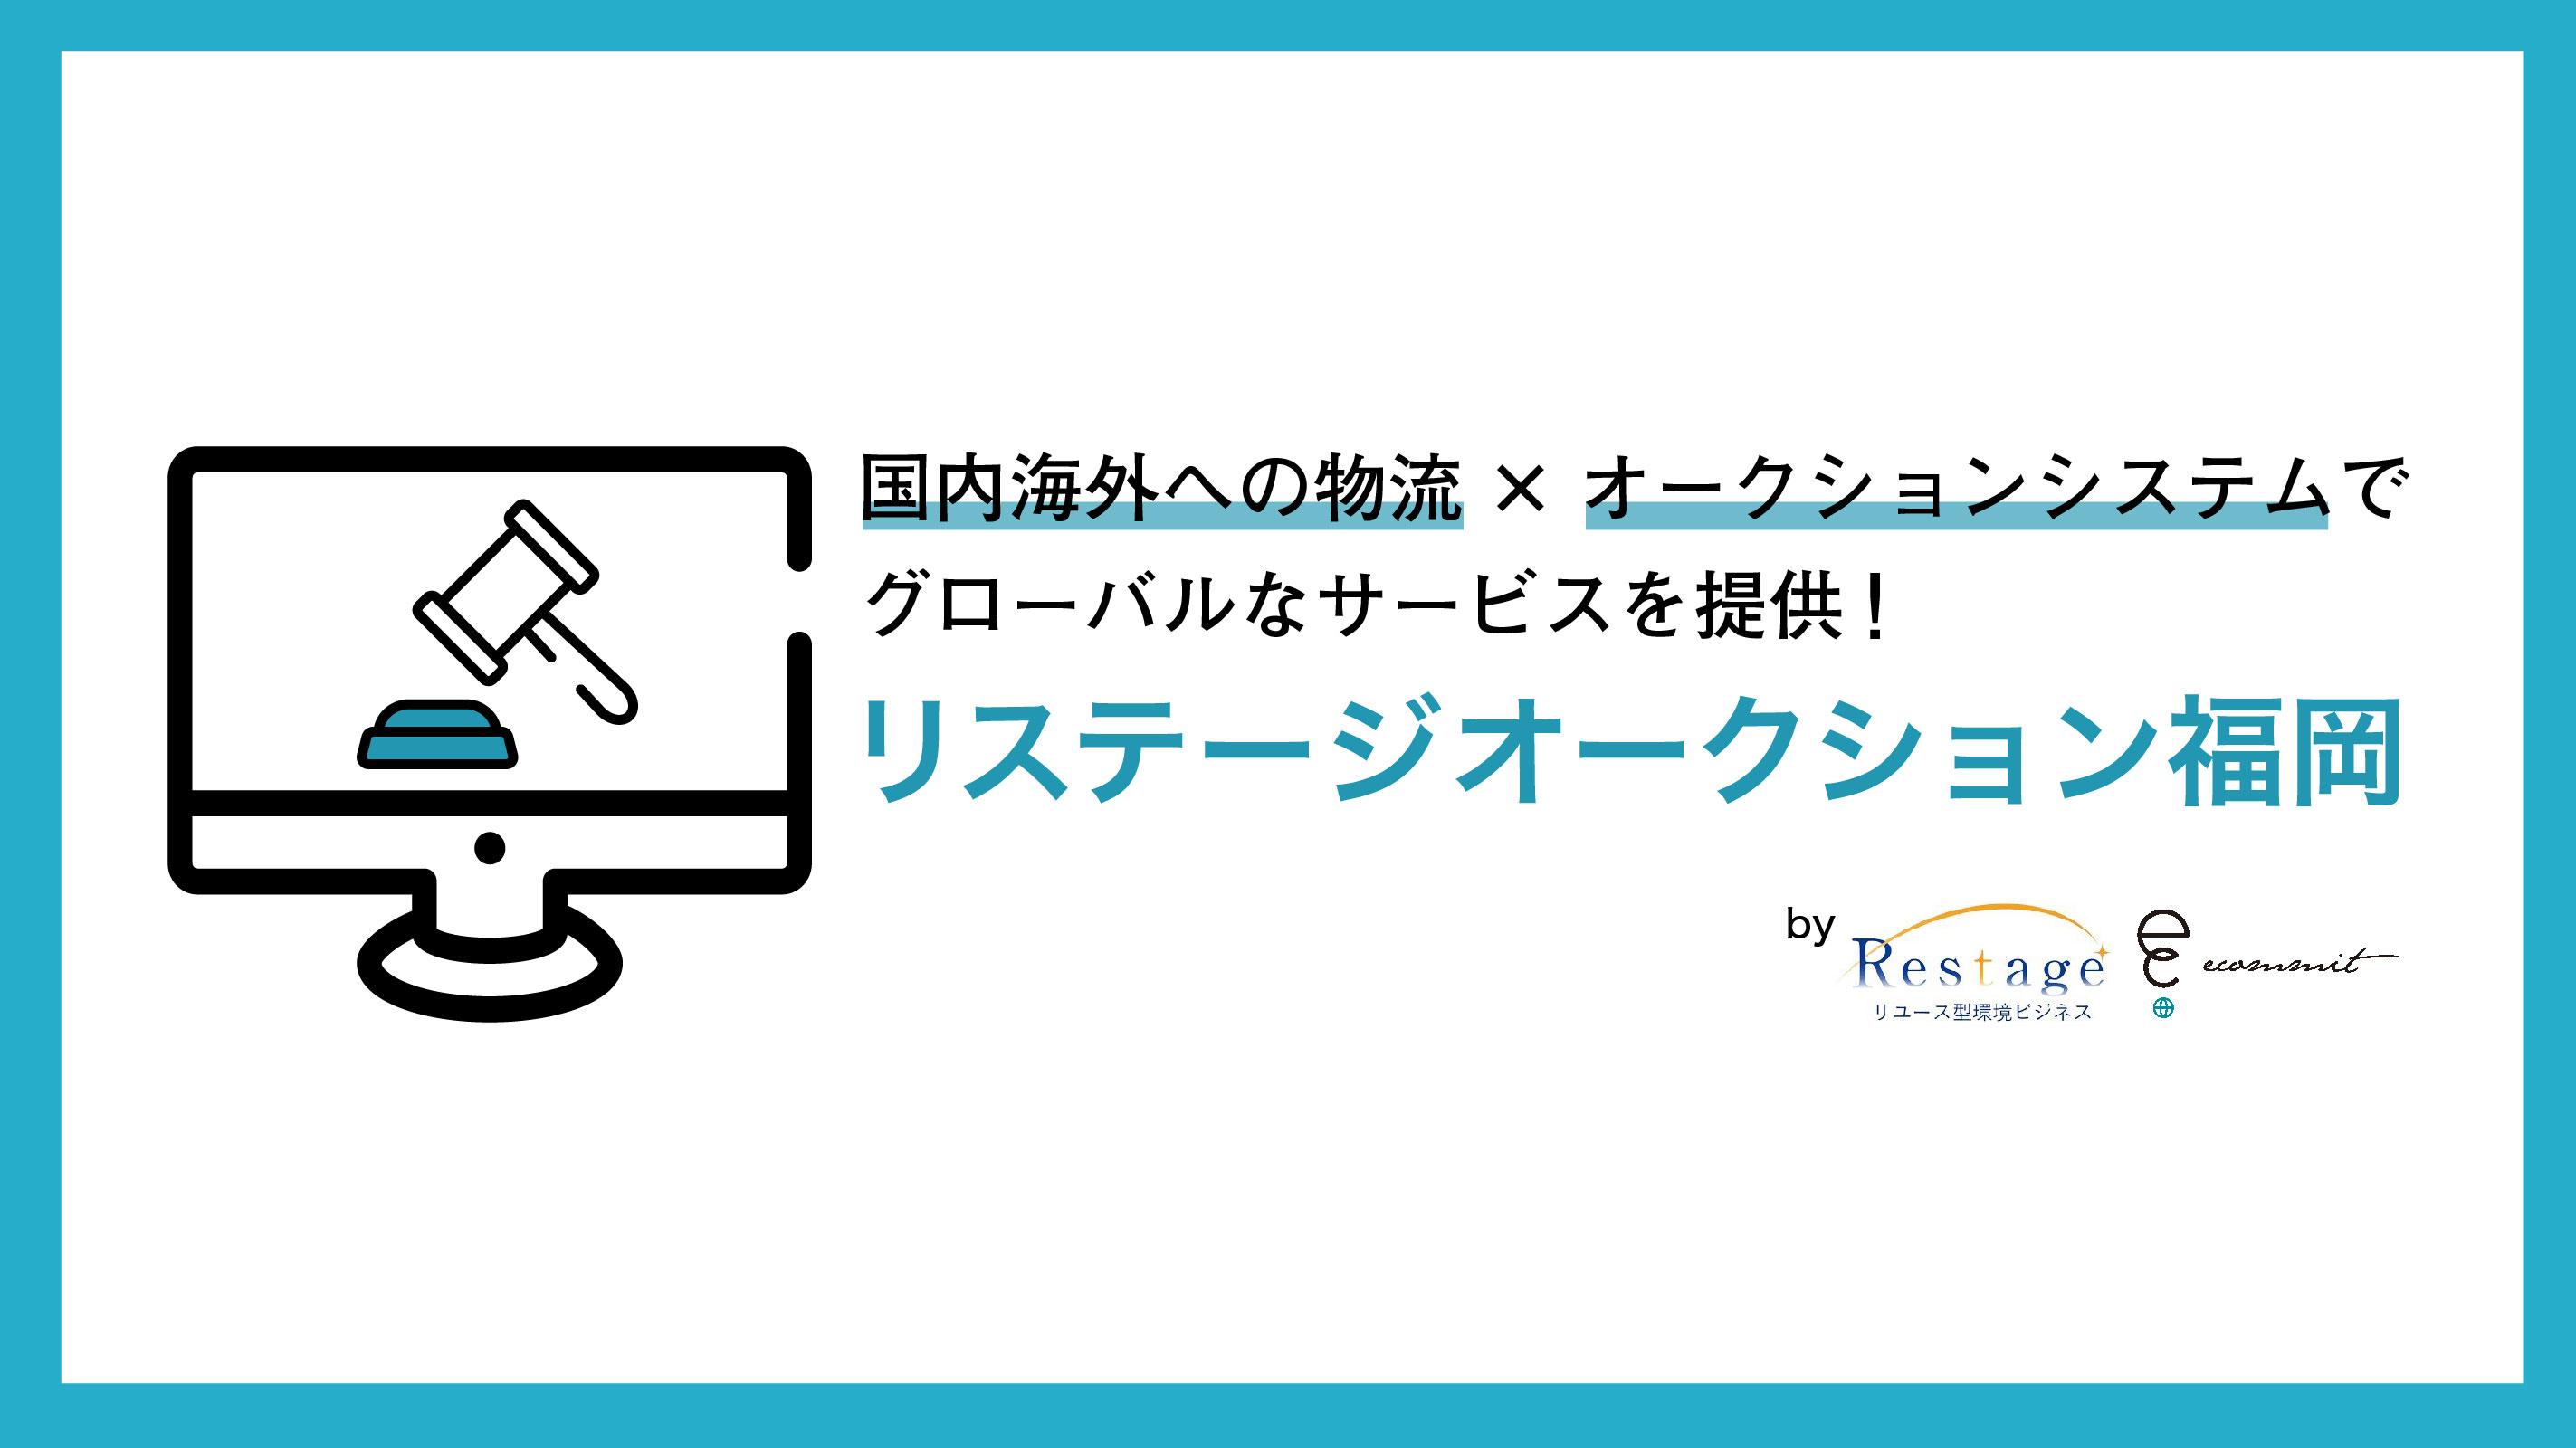 【修正版】リステージ福岡アイキャッチ_アートボード 1